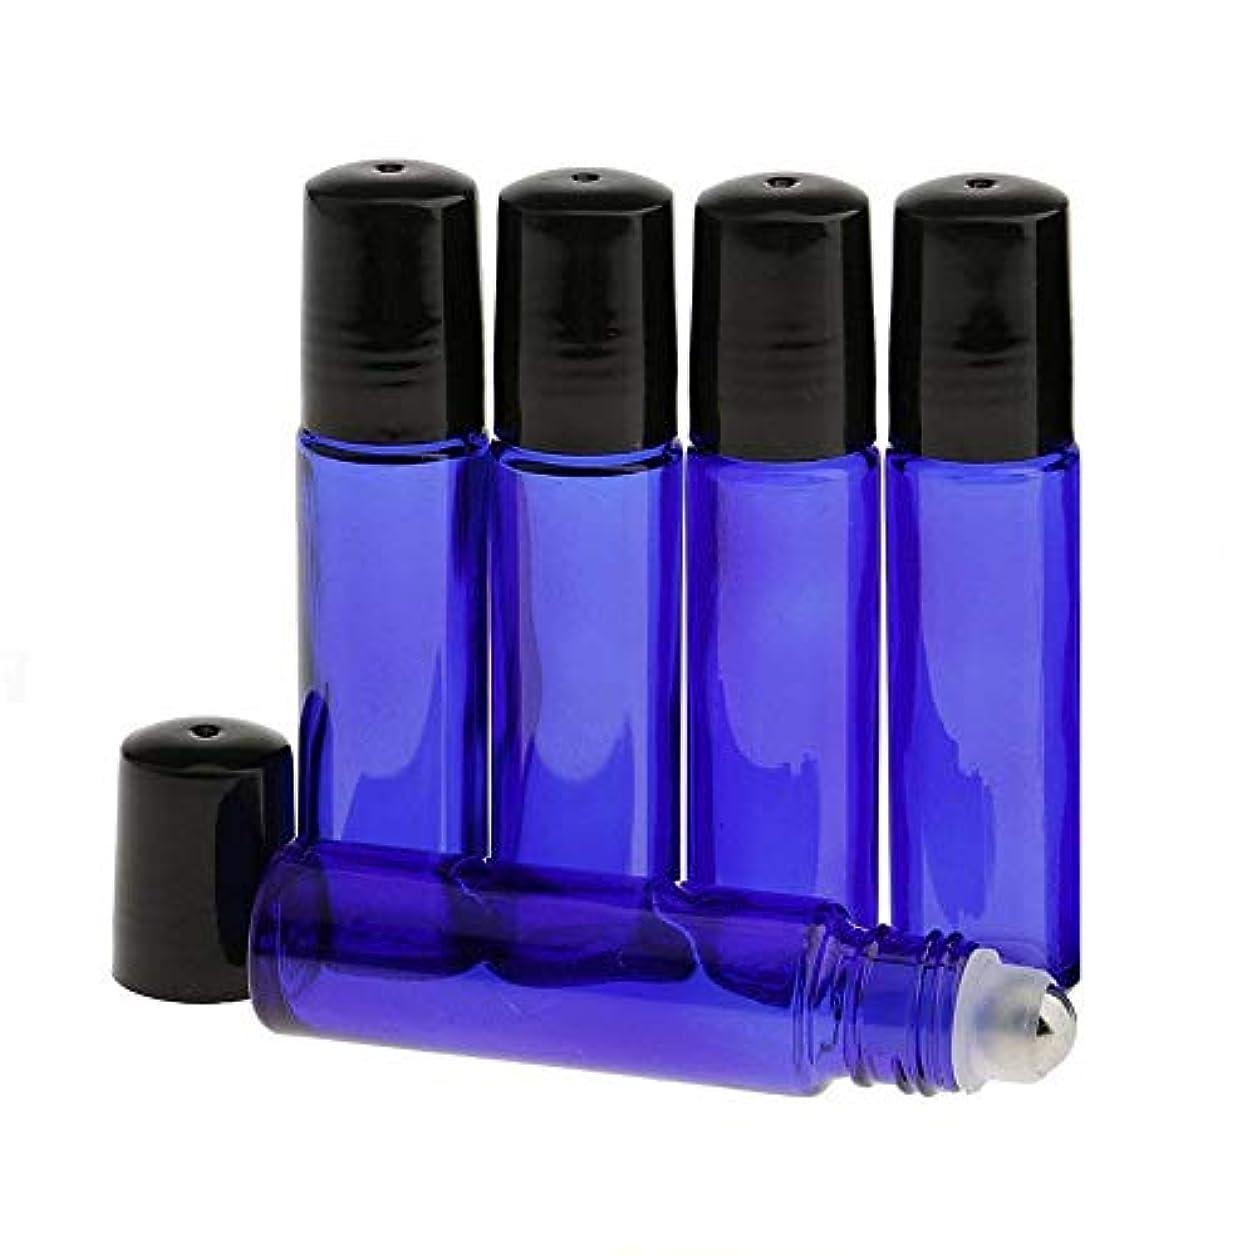 矢じり聴覚障害者星Hongsheng ロールオンボトル 5本セット 10ml 遮光瓶 ガラスロールタイプ アロマオイル 香水 虫よけ 詰替え ブルー